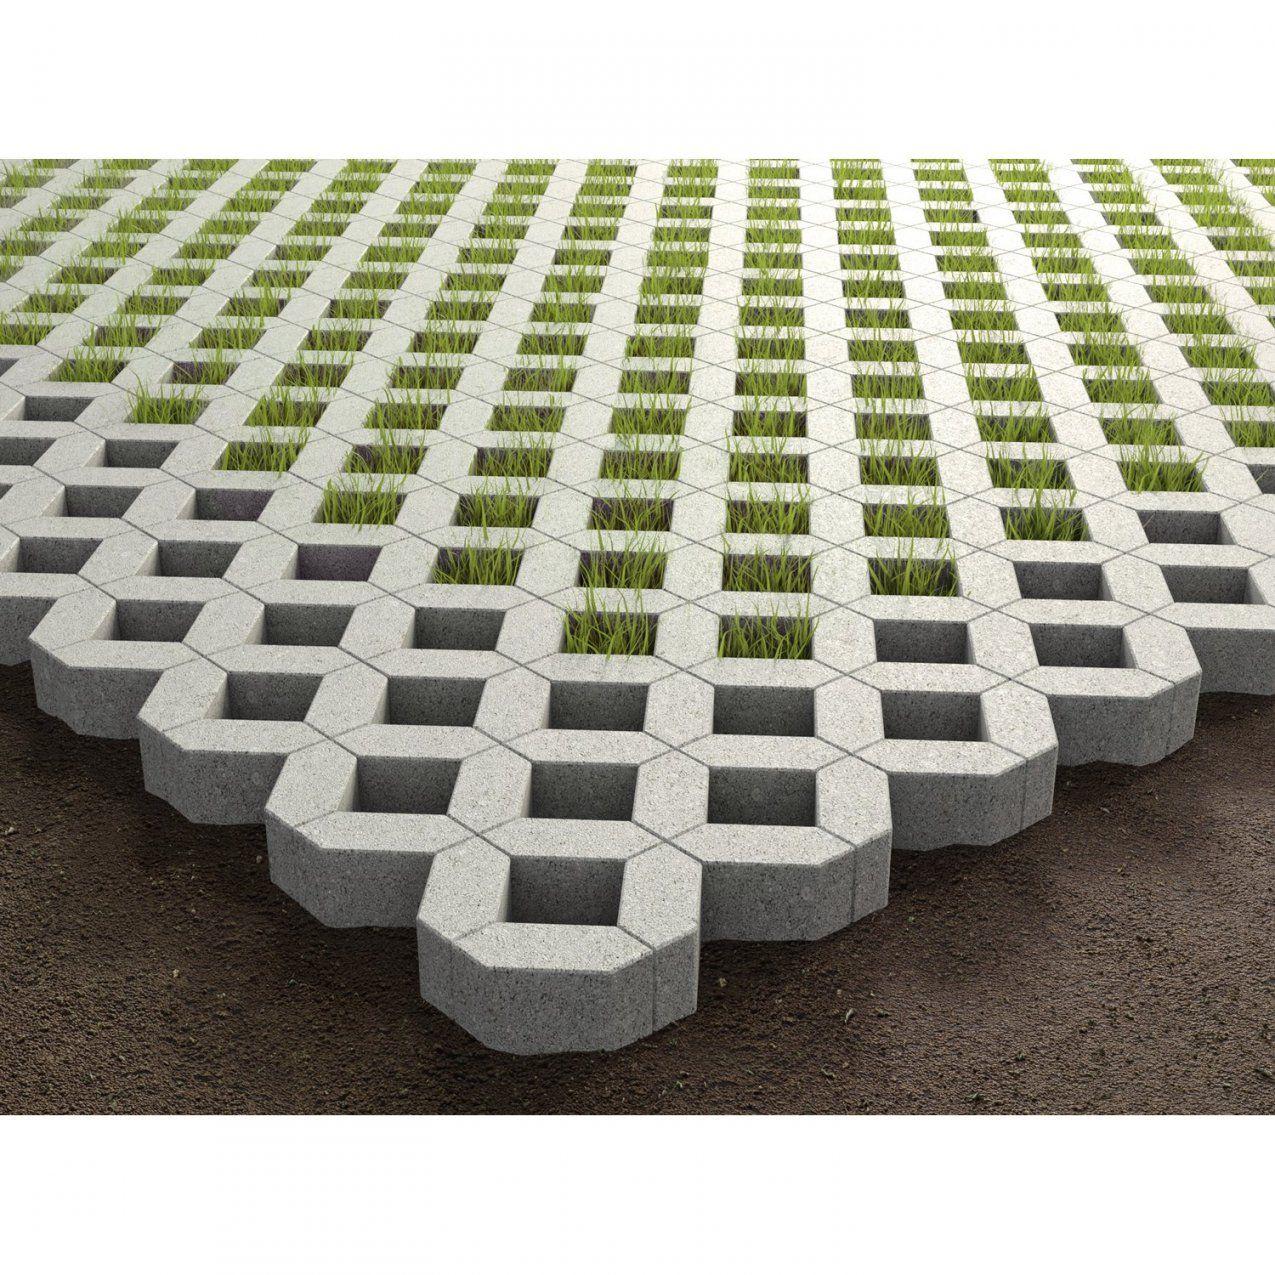 Rasengitterstein Beton Grau Ca 608 Cm X 408 Cm X 8 Cm Kaufen Bei Obi von Beton U Steine Obi Photo